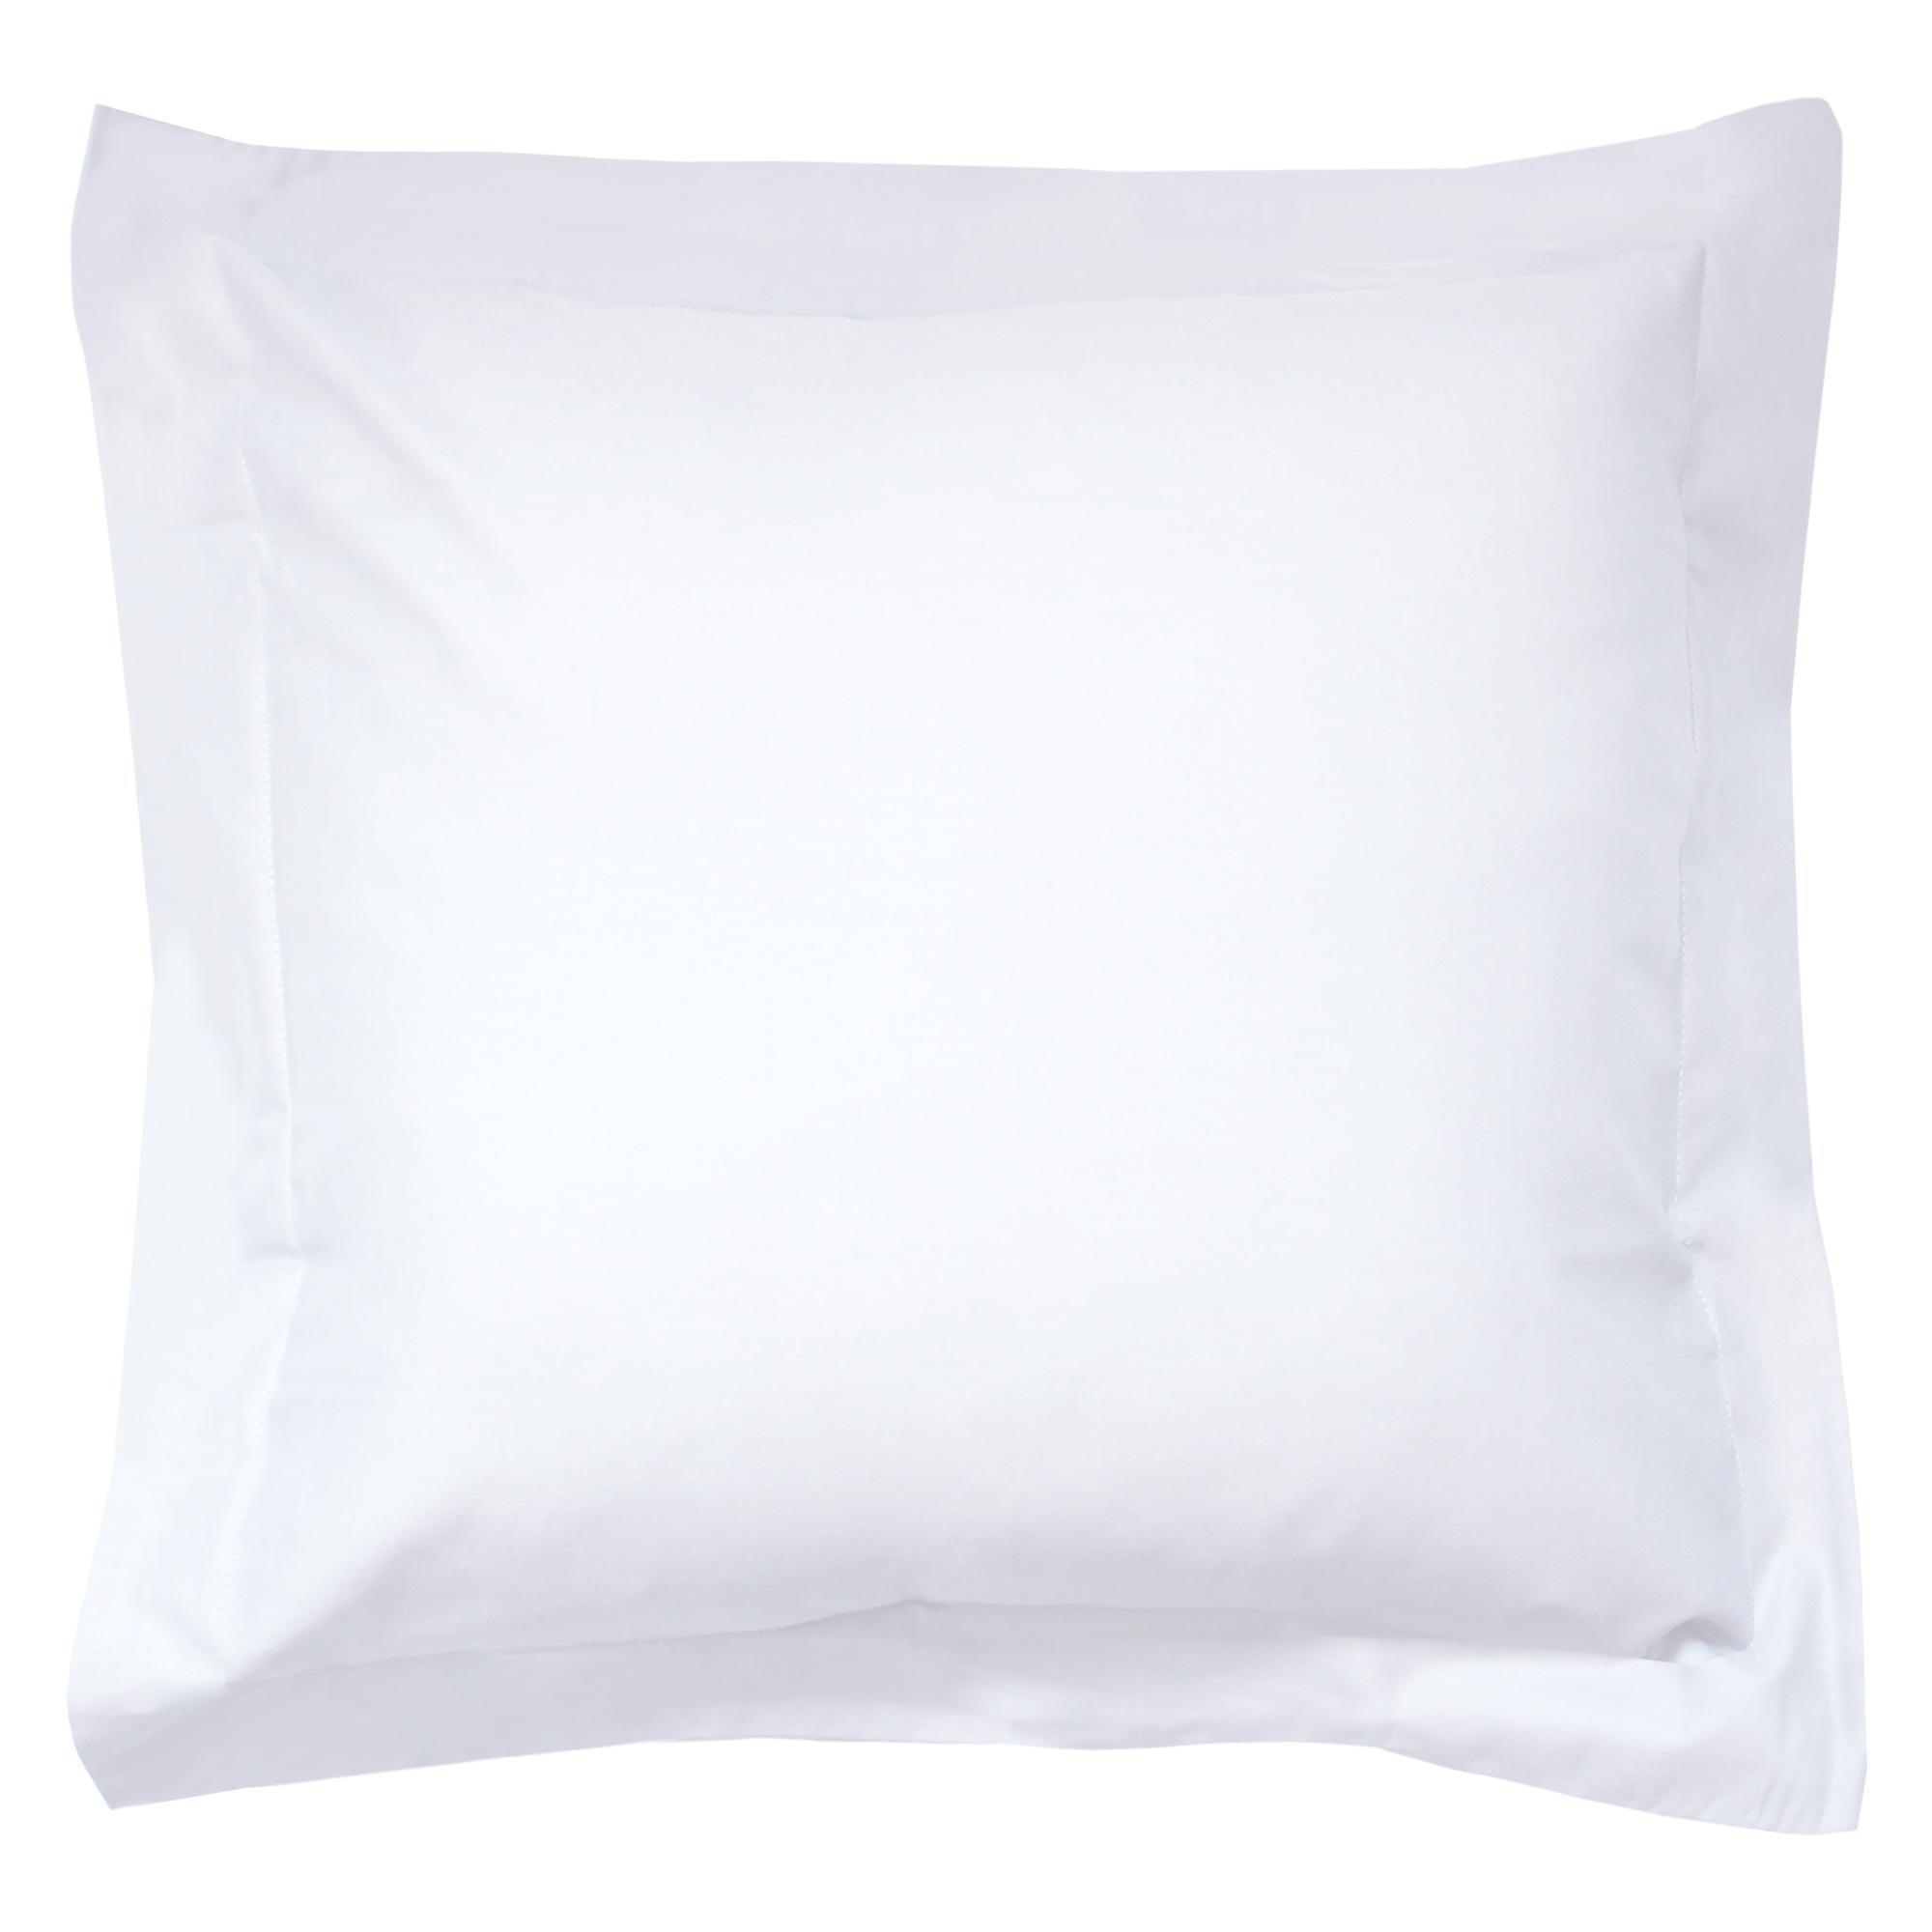 taie d 39 oreiller 65x65cm uni pur percale primo blanc linnea linge de maison et. Black Bedroom Furniture Sets. Home Design Ideas